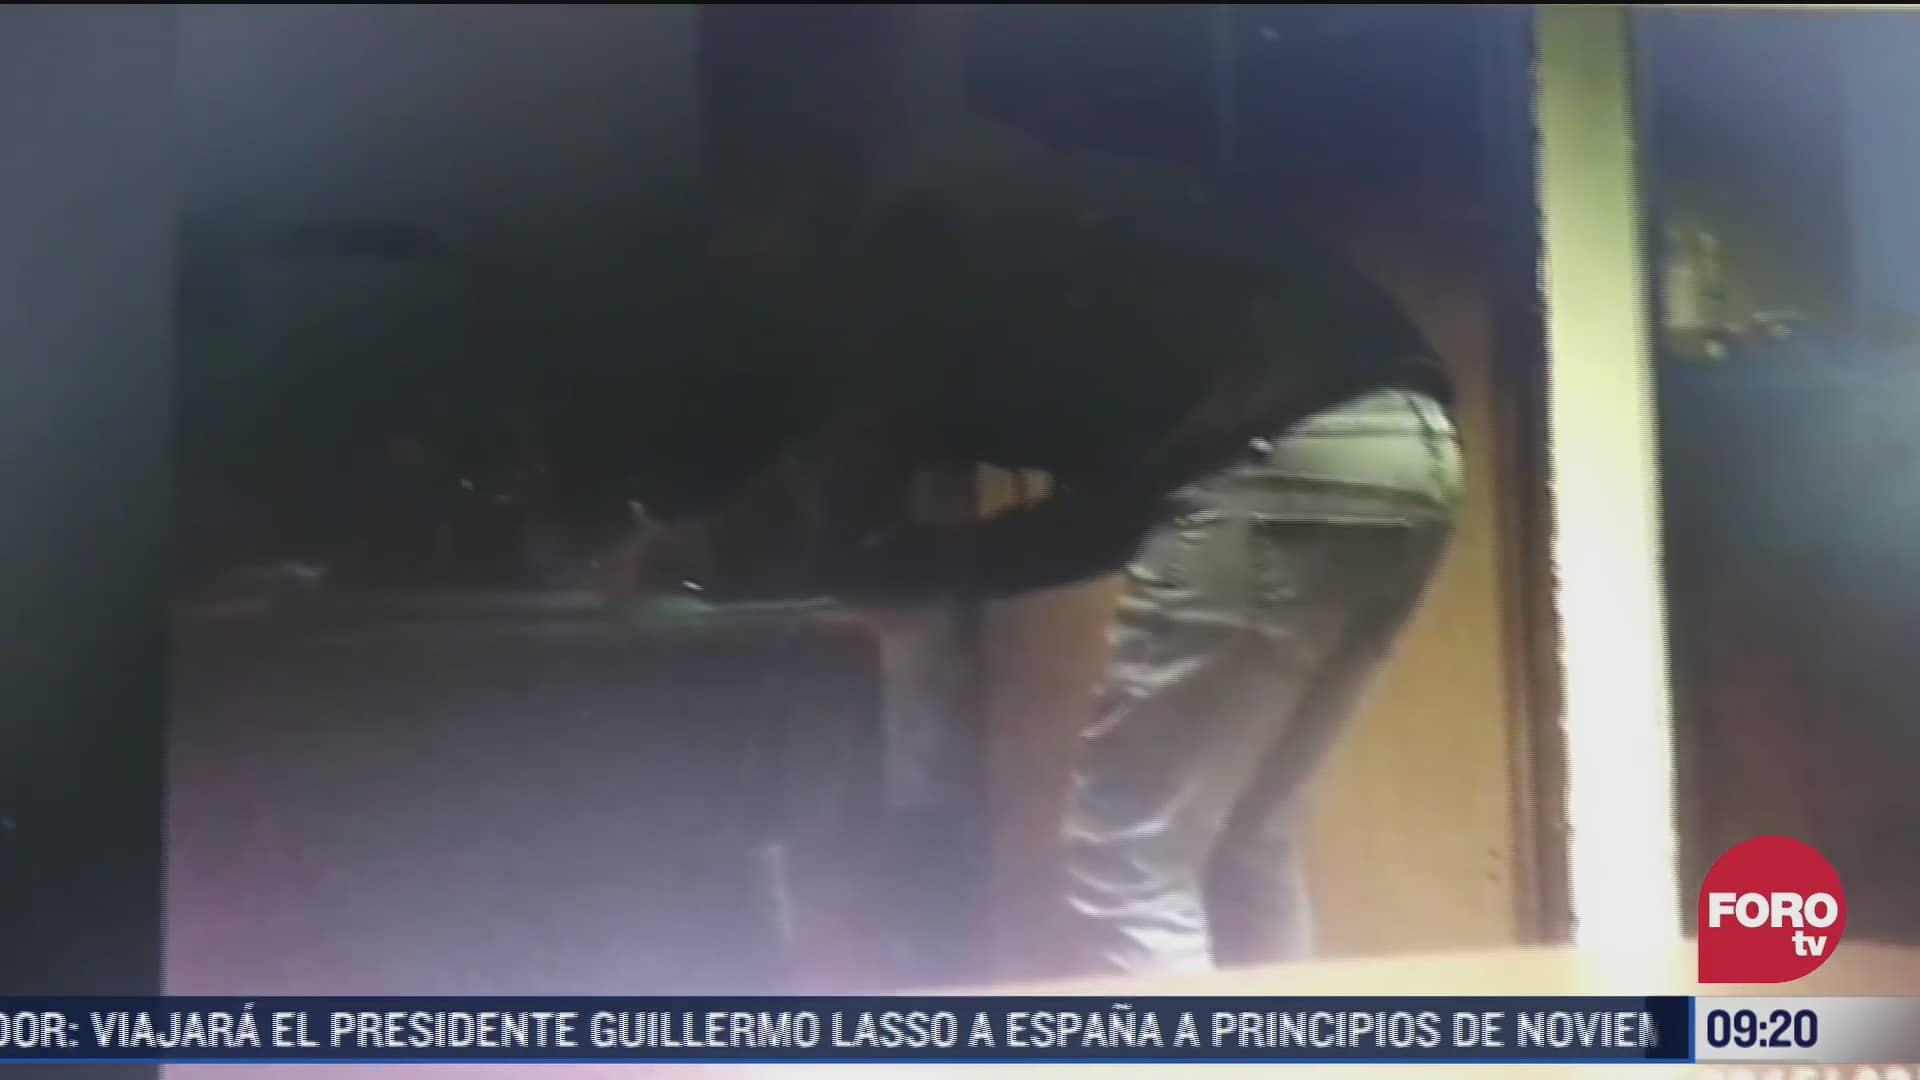 conductora de television denuncia violacion a su intimidad